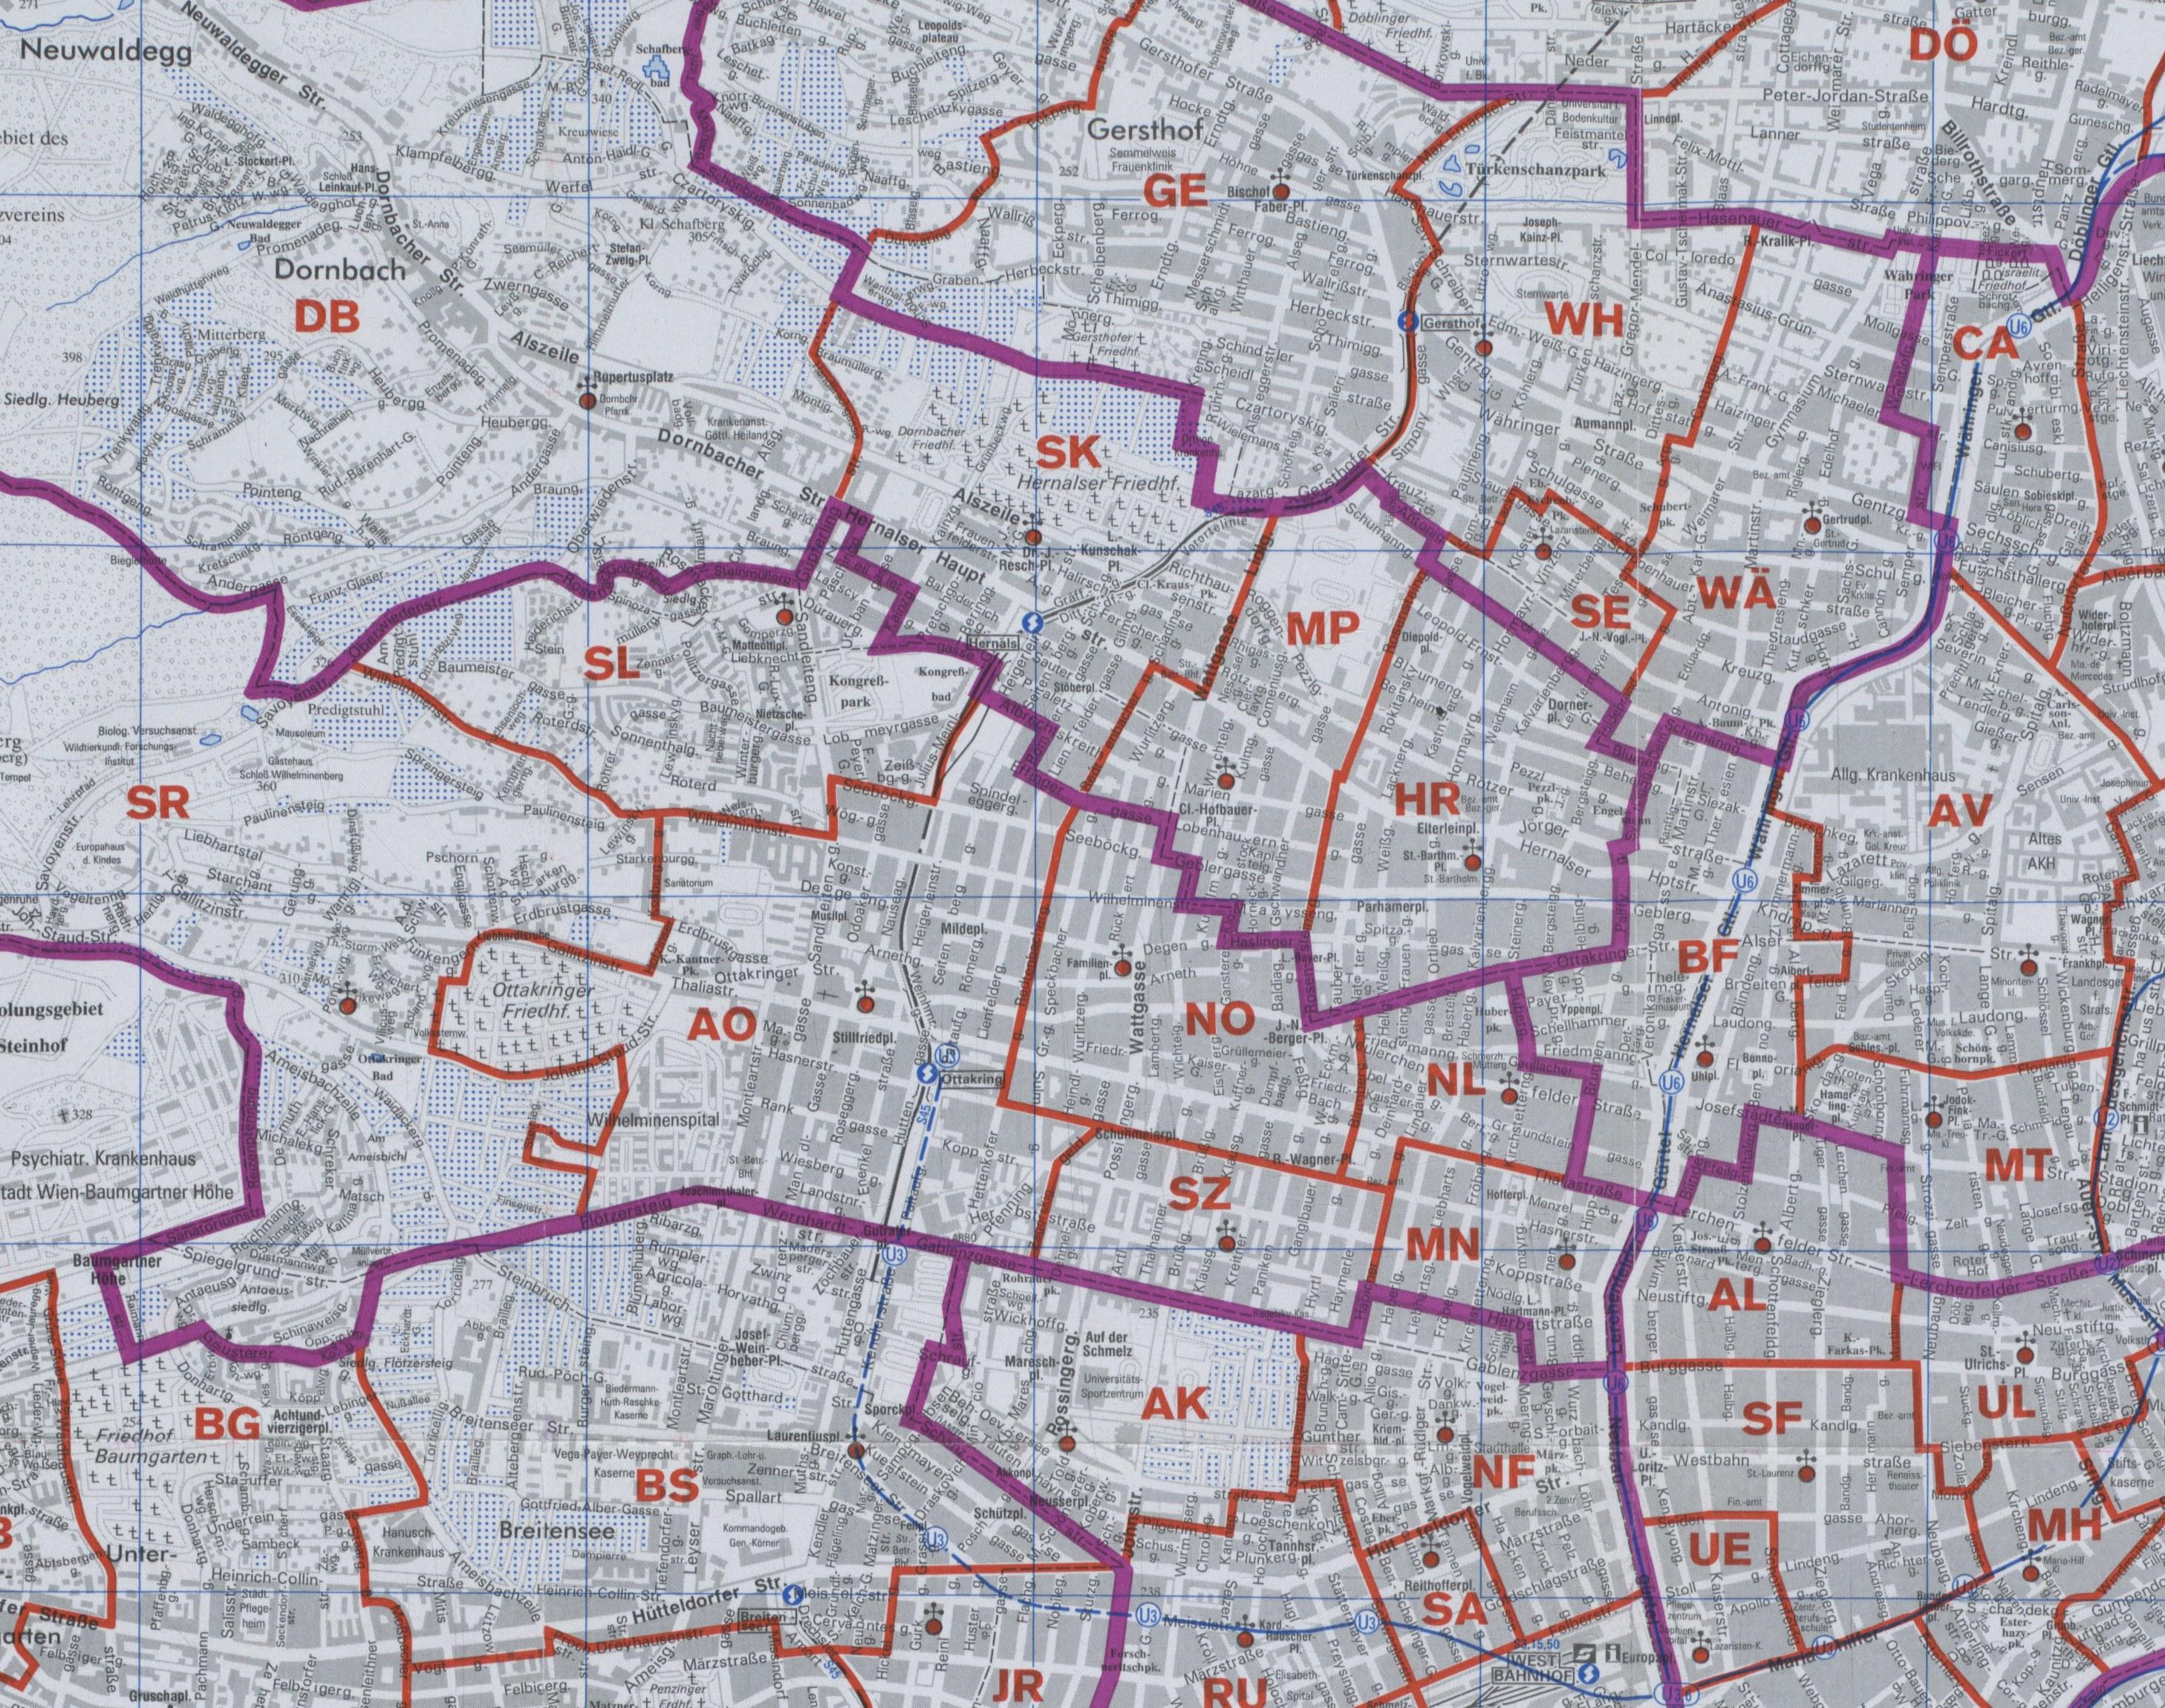 Karte Wien Niederosterreich.17 Hernals Wien Rk Erzdiozese Ostl Niederosterreich